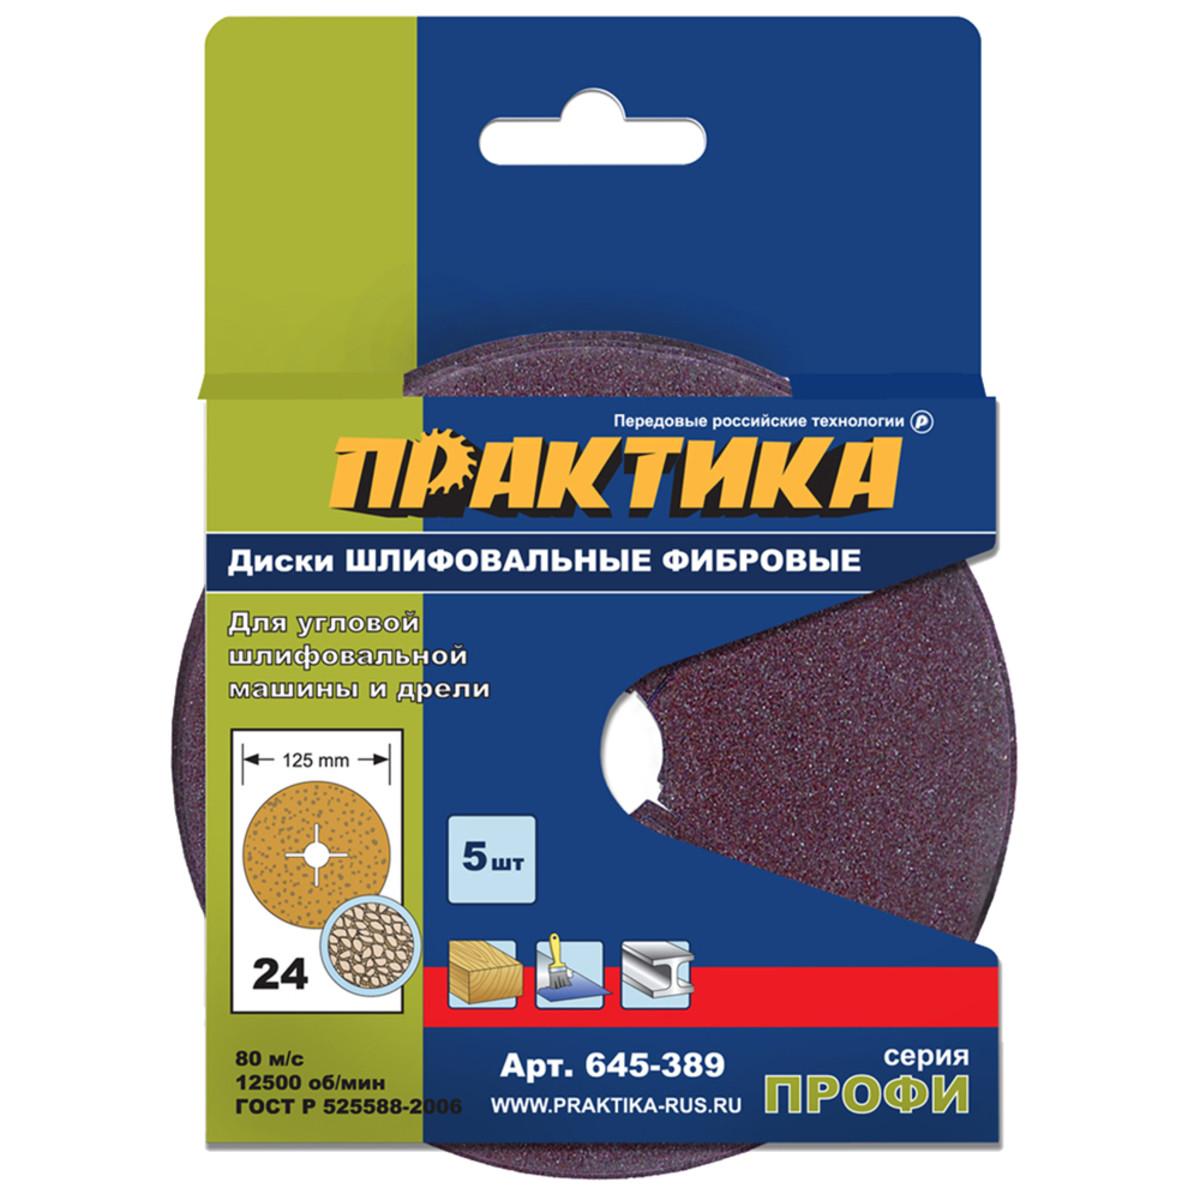 Абразивный круг для ЭШМ Практика Профи P24 125 мм 5 шт.